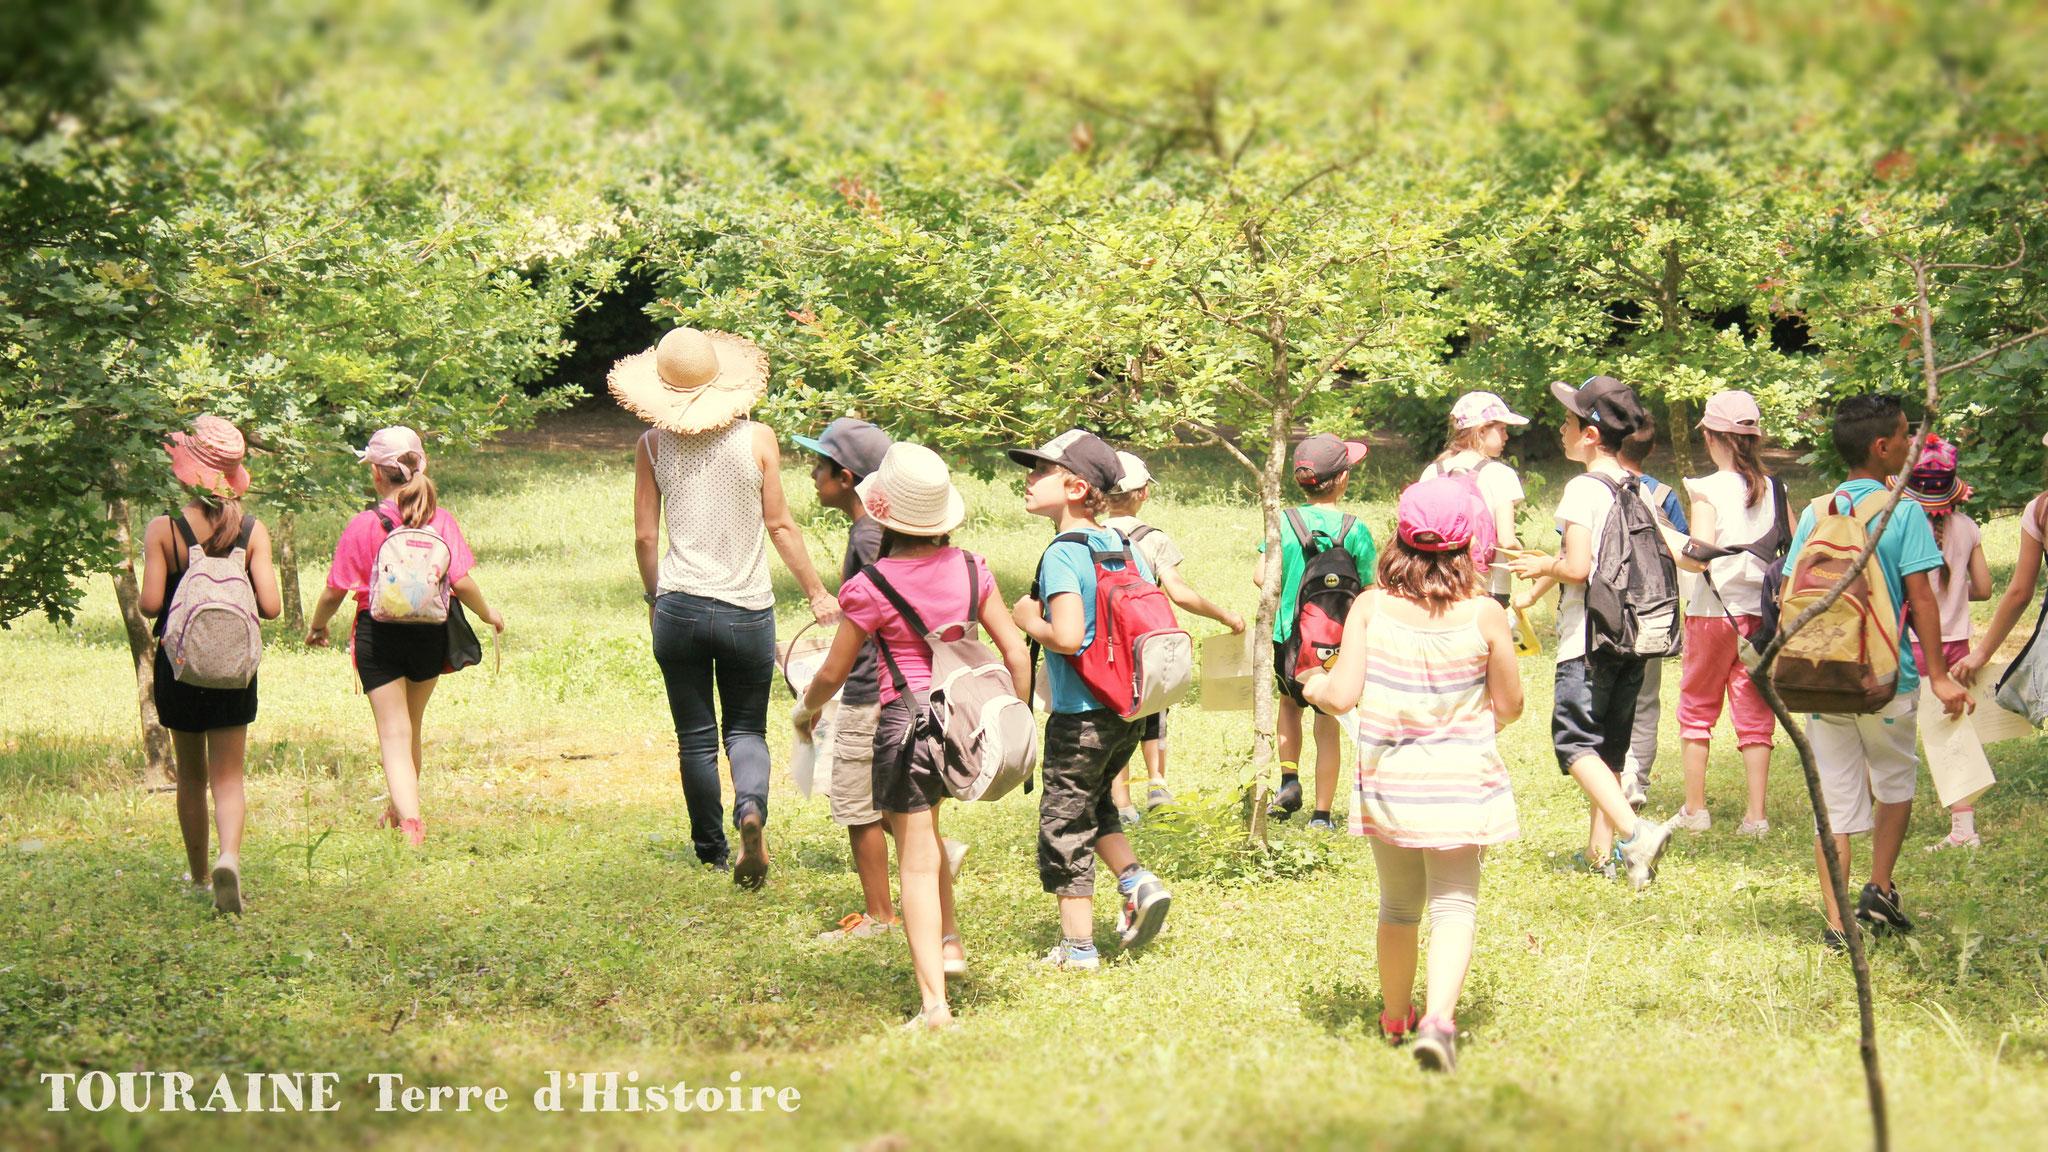 Le jardin botanique de tours office de tourisme du pays for Le jardin botanique camping